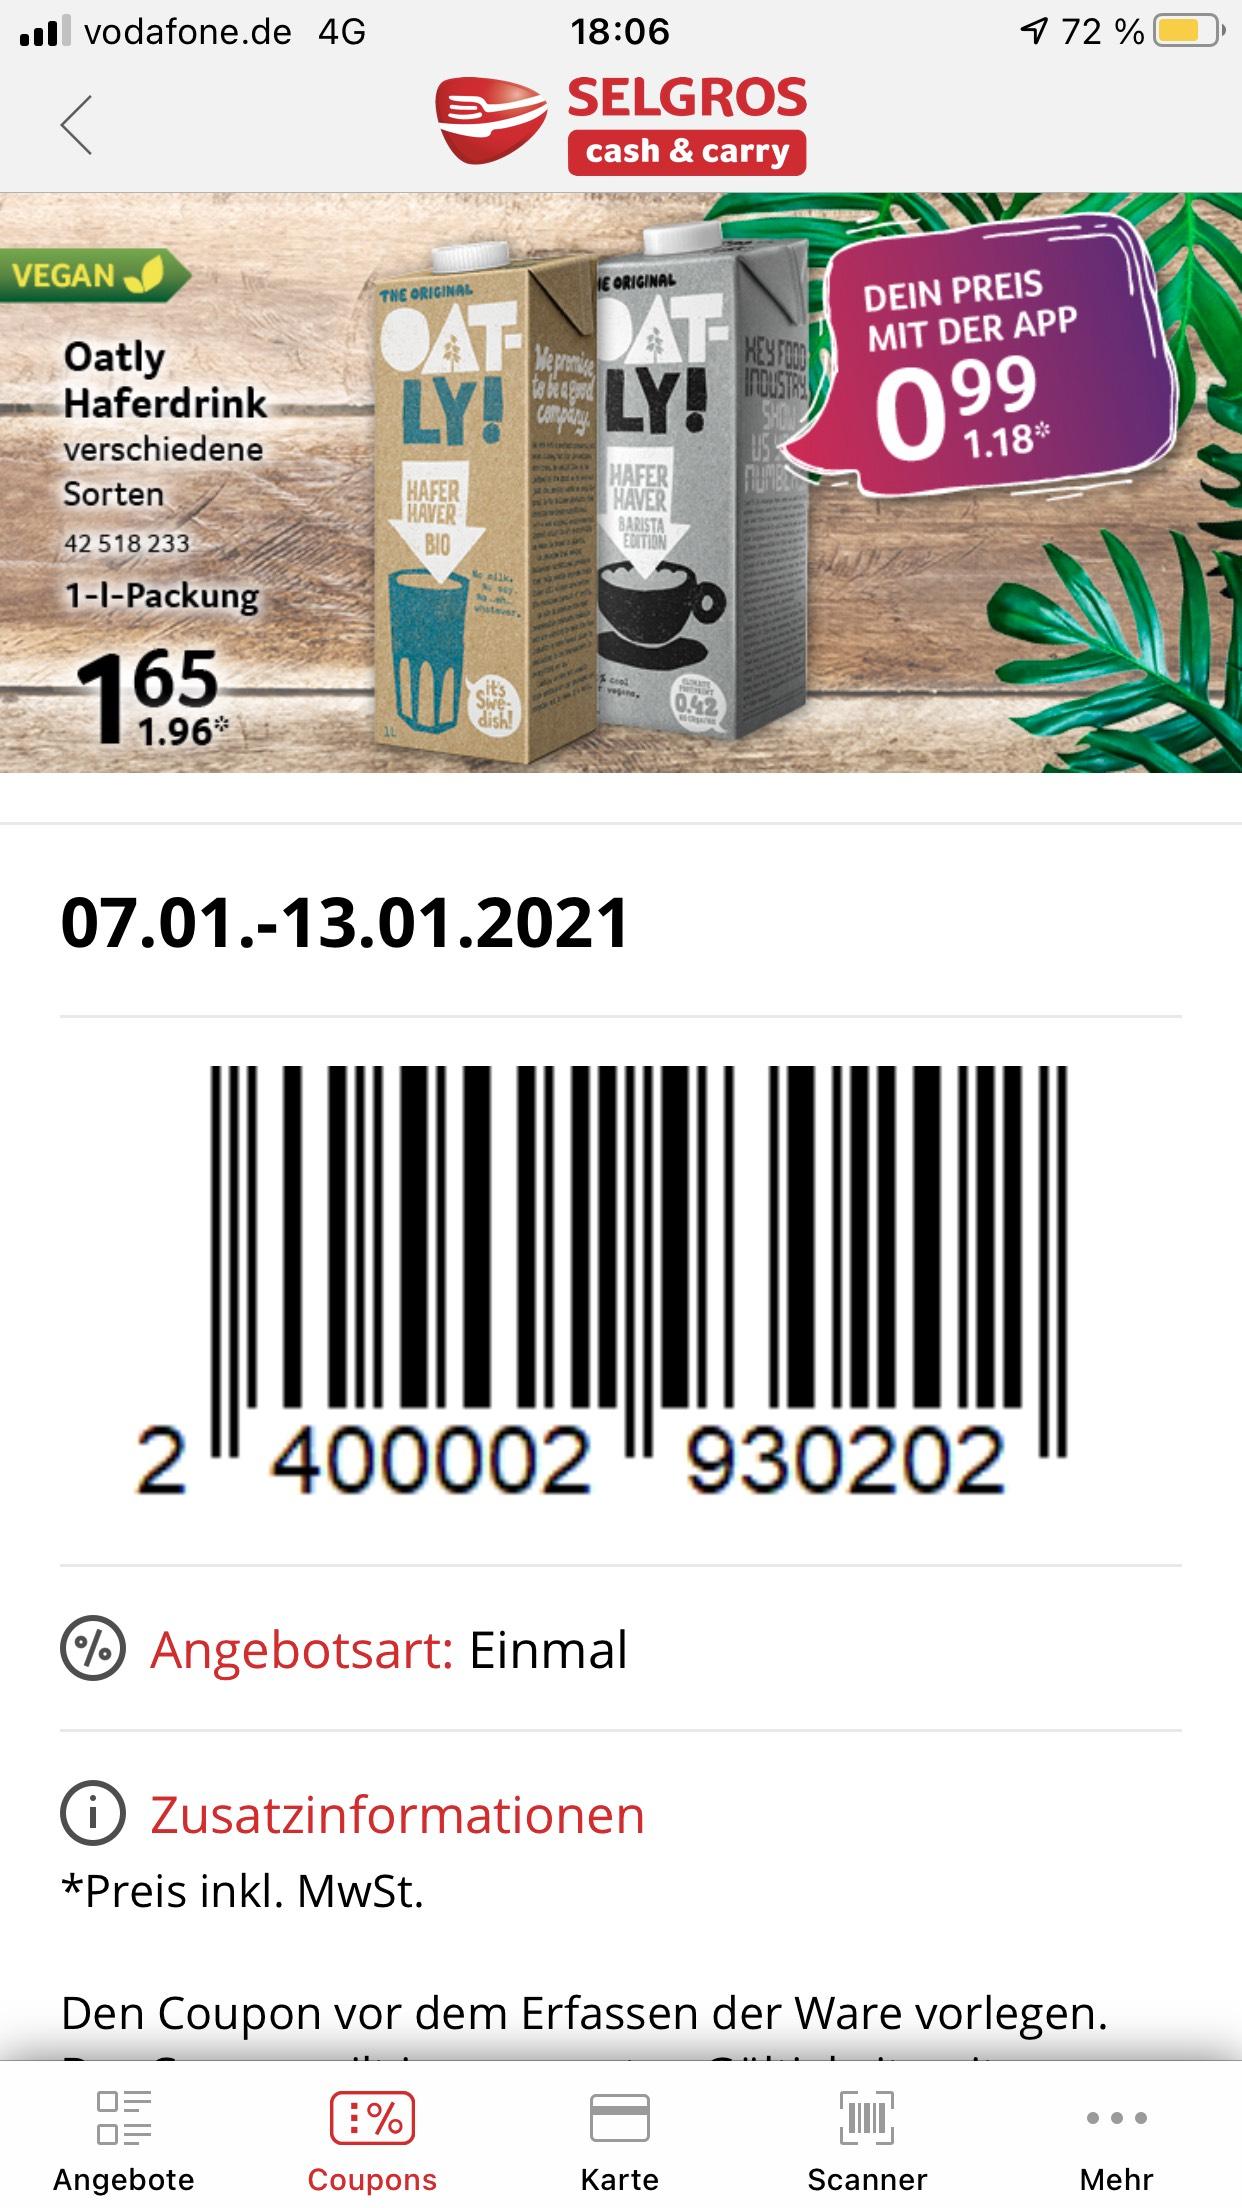 [SELGROS] Oatly Haferdrink (auch Barista) lokal für 1,18 €/l - 1,05 €/l möglich